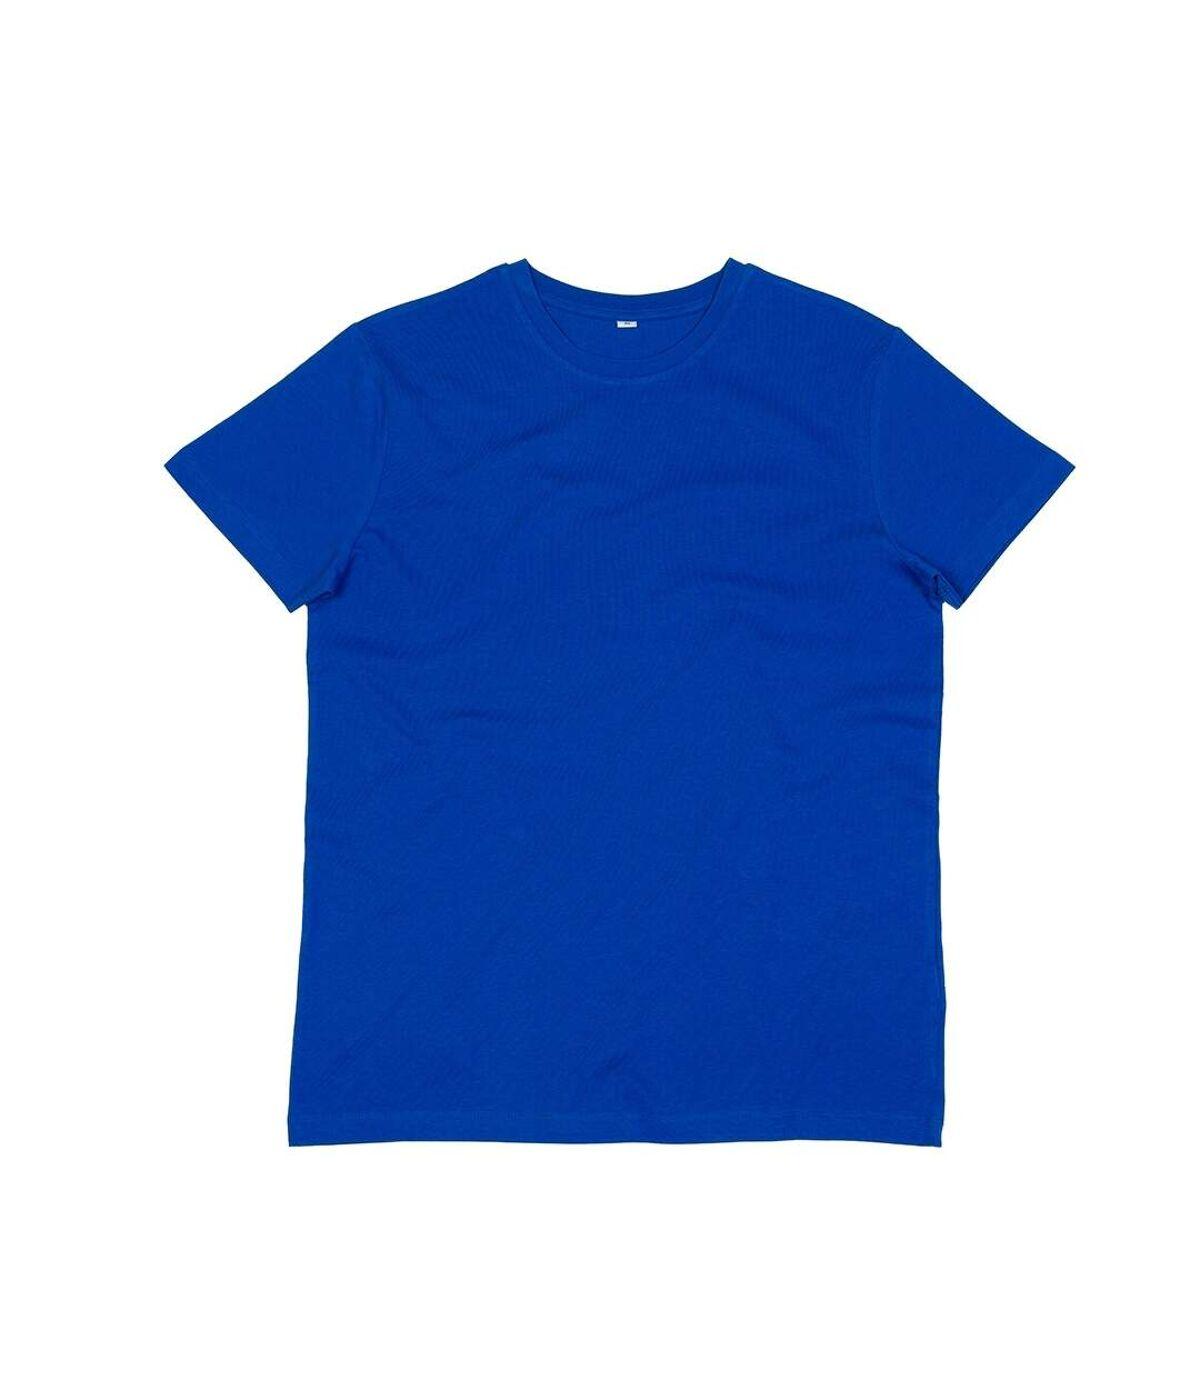 Mantis Mens Organic T-Shirt (Royal Blue) - UTPC3964